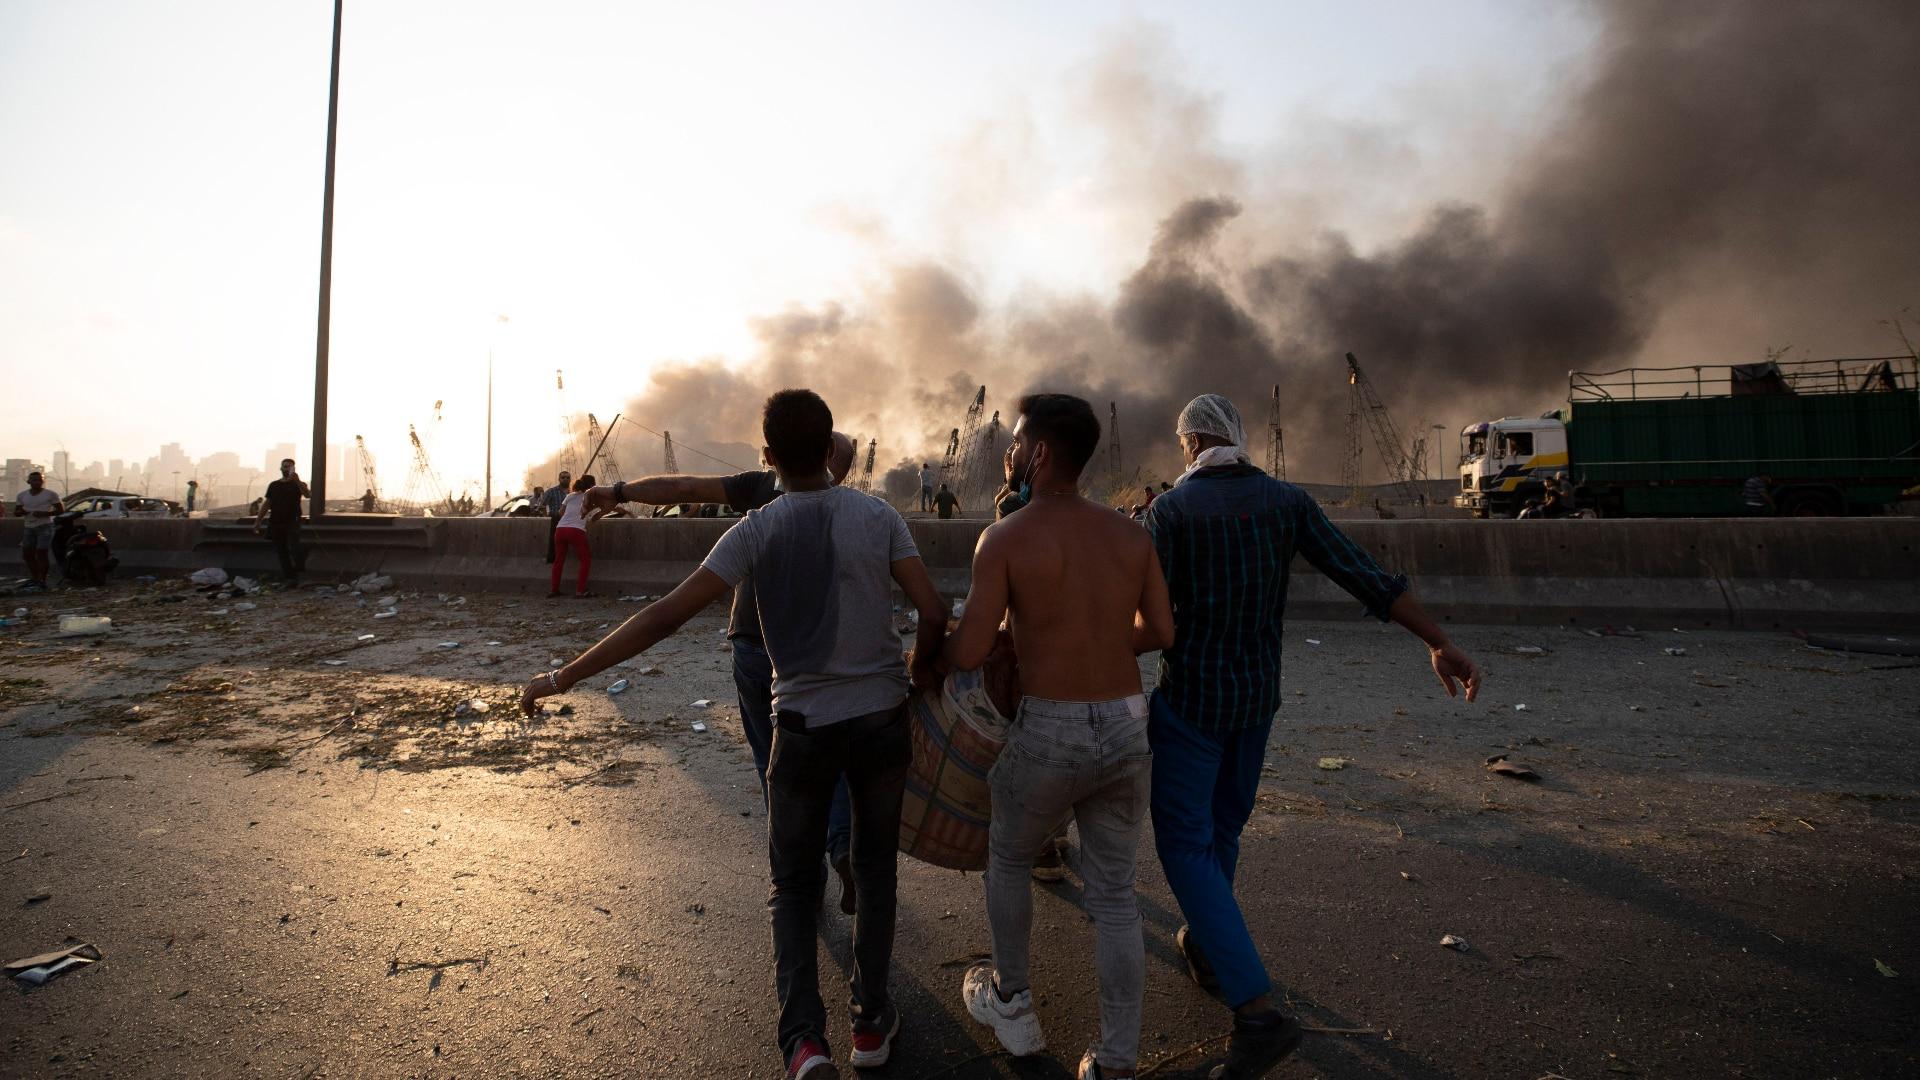 Libanon bittet Ausland um Hilfe – EU schickt mehr als 100 Katastrophenhelfer